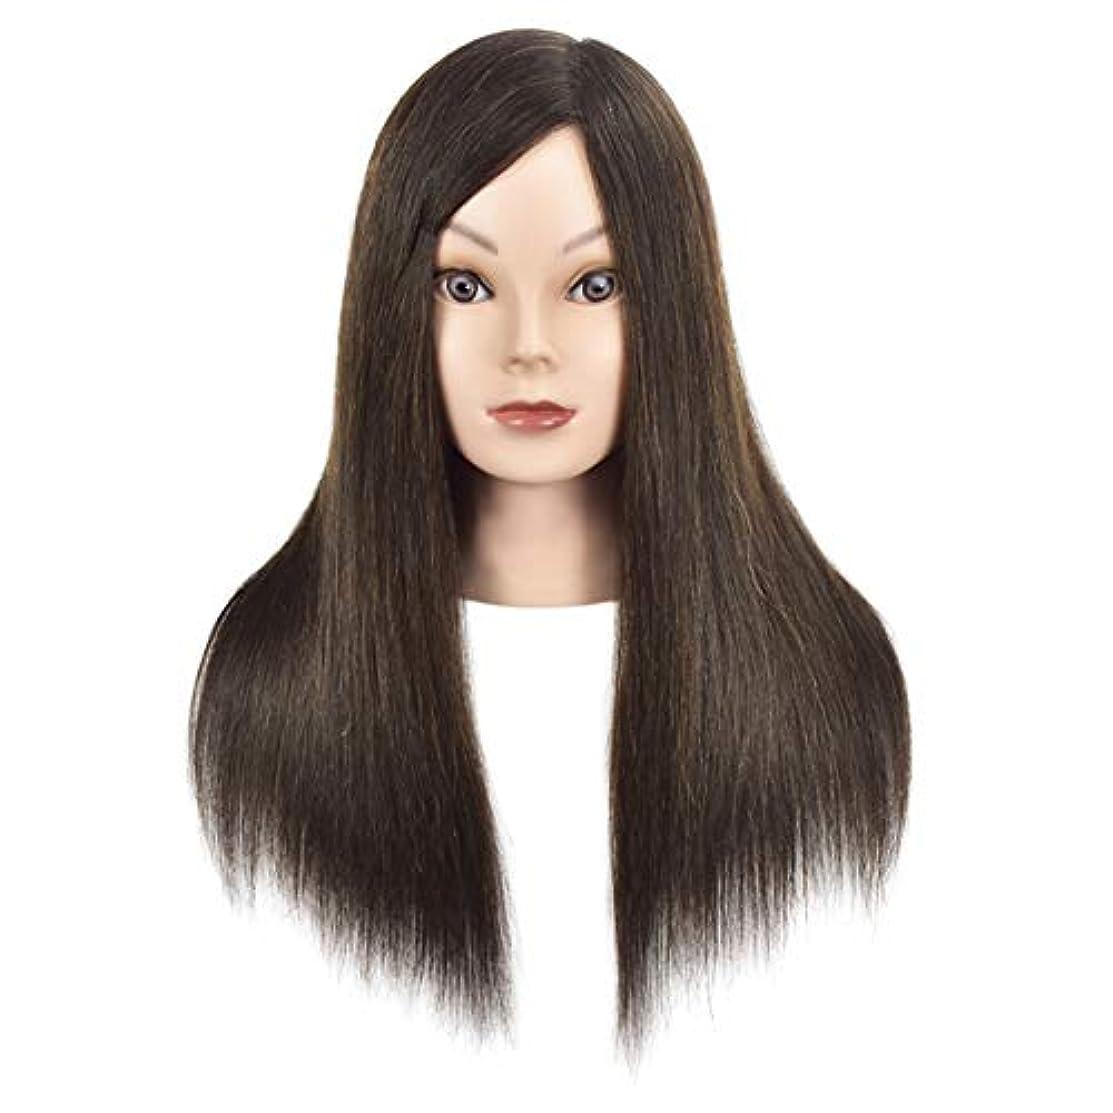 無効仕方粘り強い理髪店トリミングヘアエクササイズヘッドモールドメイクモデリング学習マネキンダミーヘッドブラック